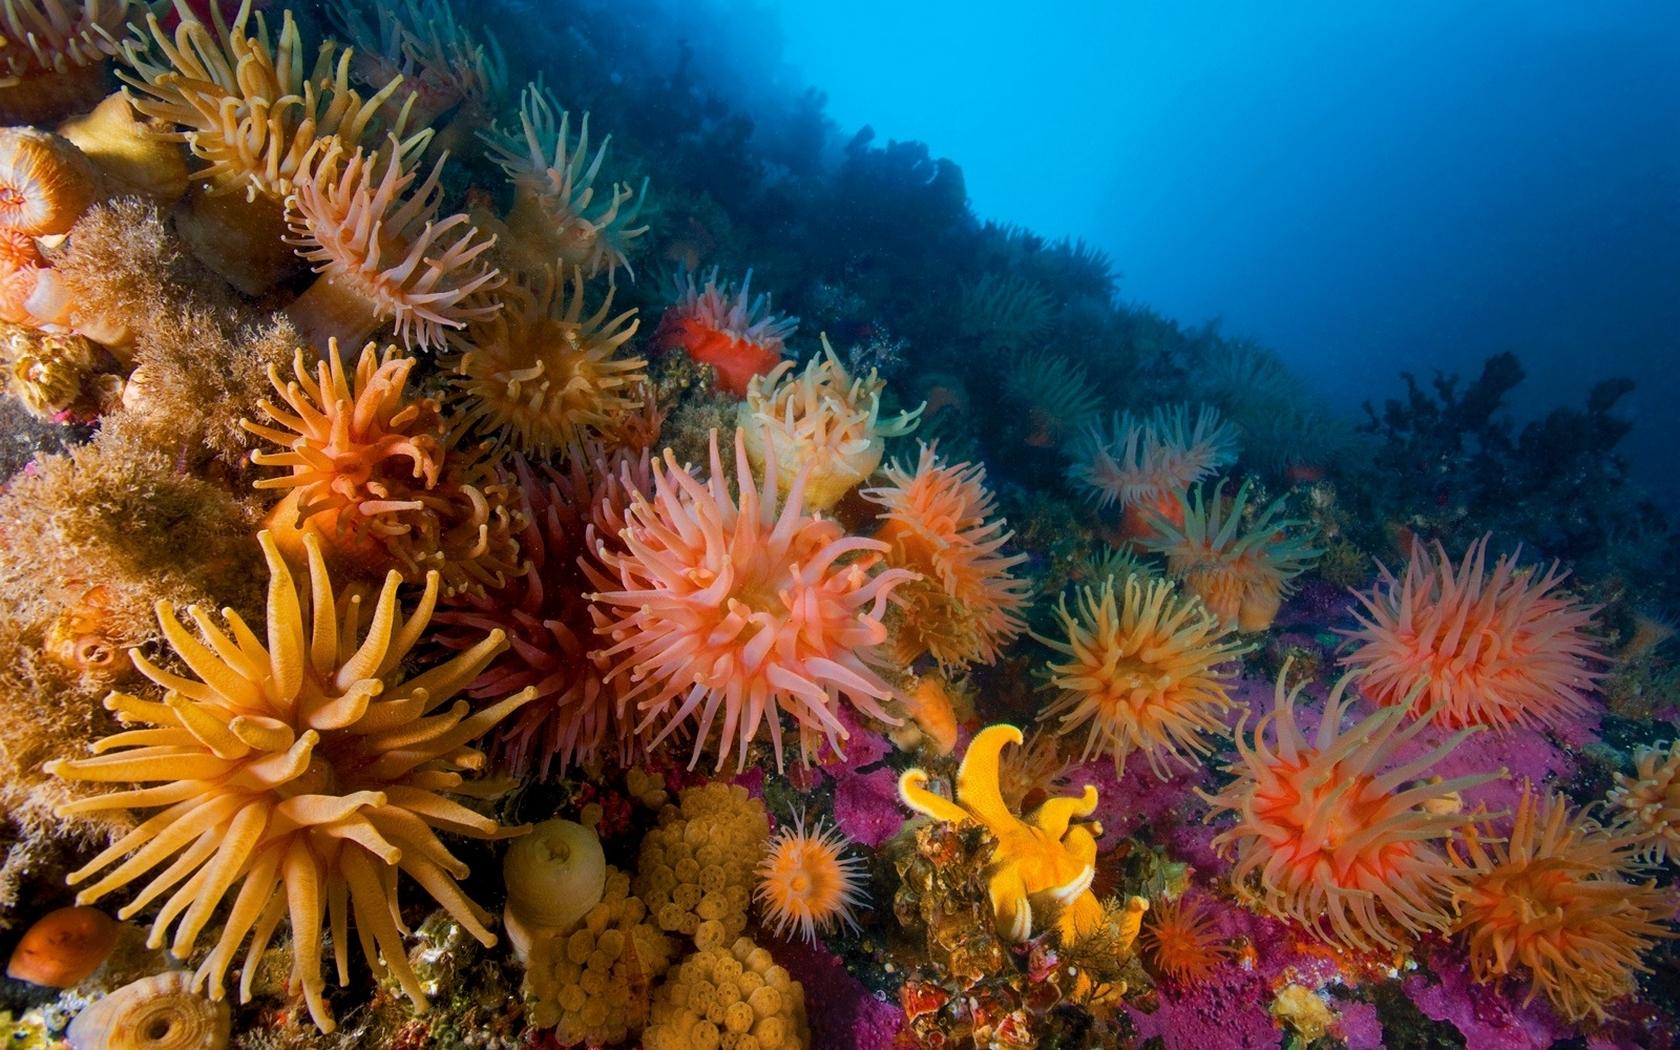 25698 скачать обои Животные, Пейзаж, Море, Кораллы - заставки и картинки бесплатно